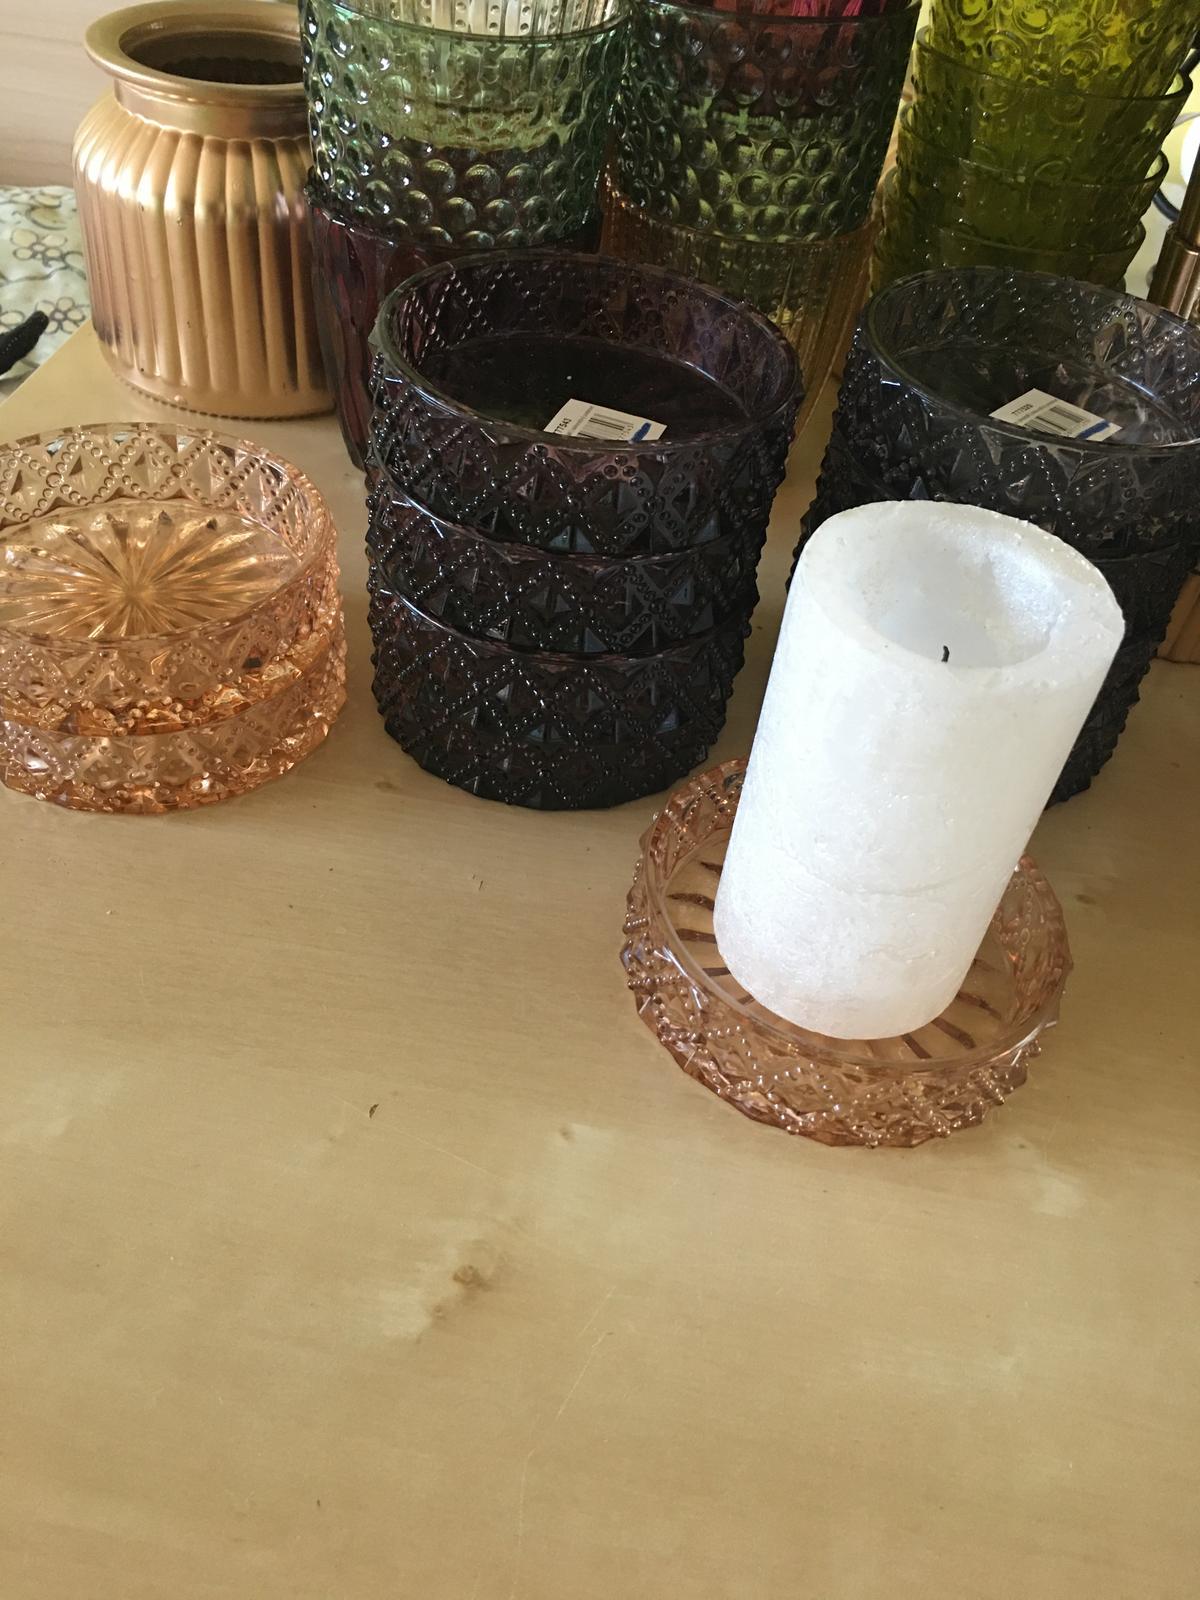 Skleněné podtácky na válcové svíčky - Obrázek č. 1